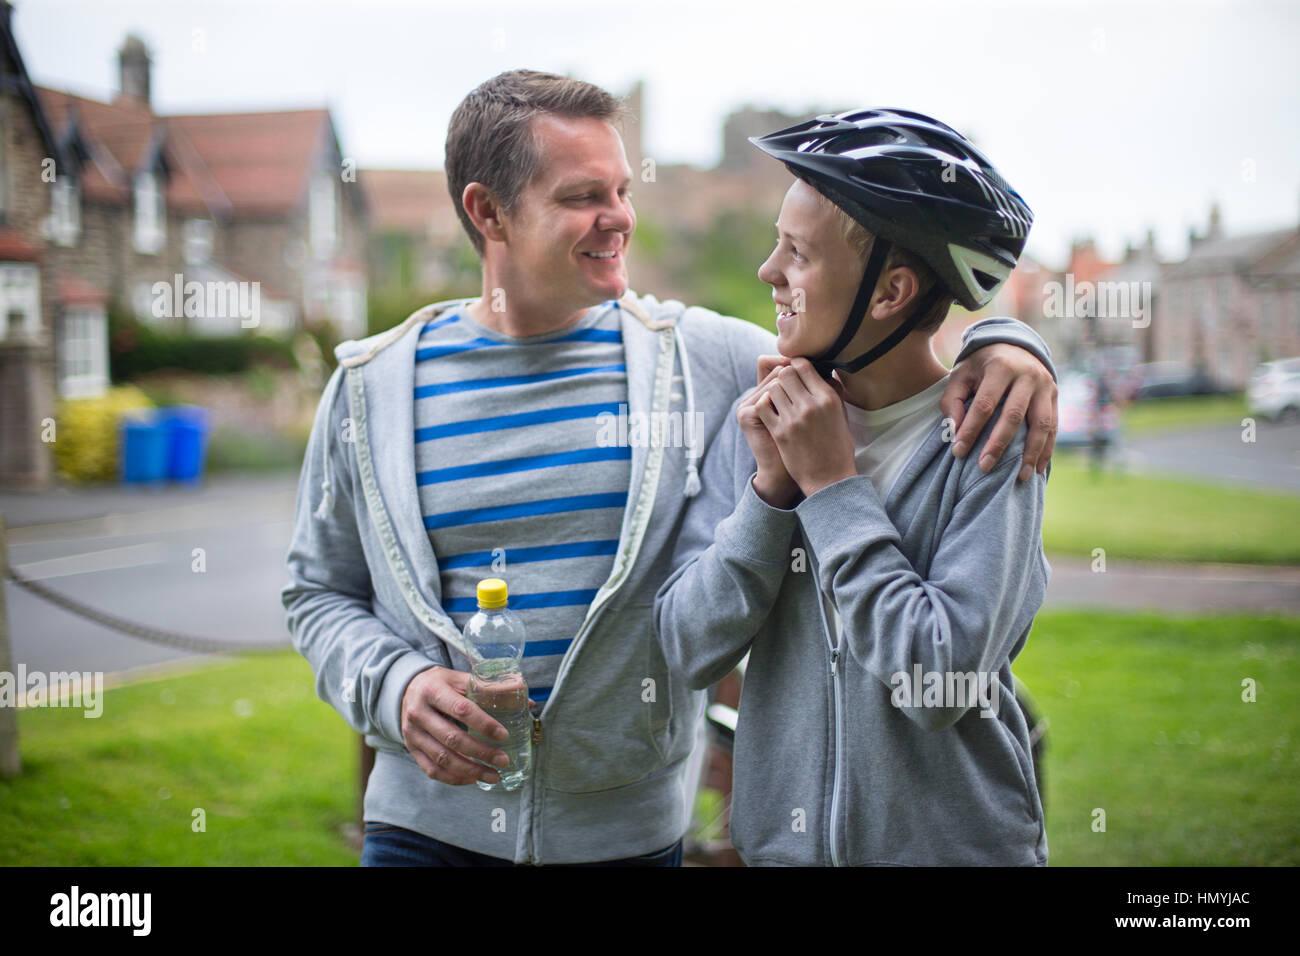 Vater und Sohn immer bereit für ihre Radtour. Der Vater hat seinen Arm um seinen Sohn und sie lächeln Stockbild